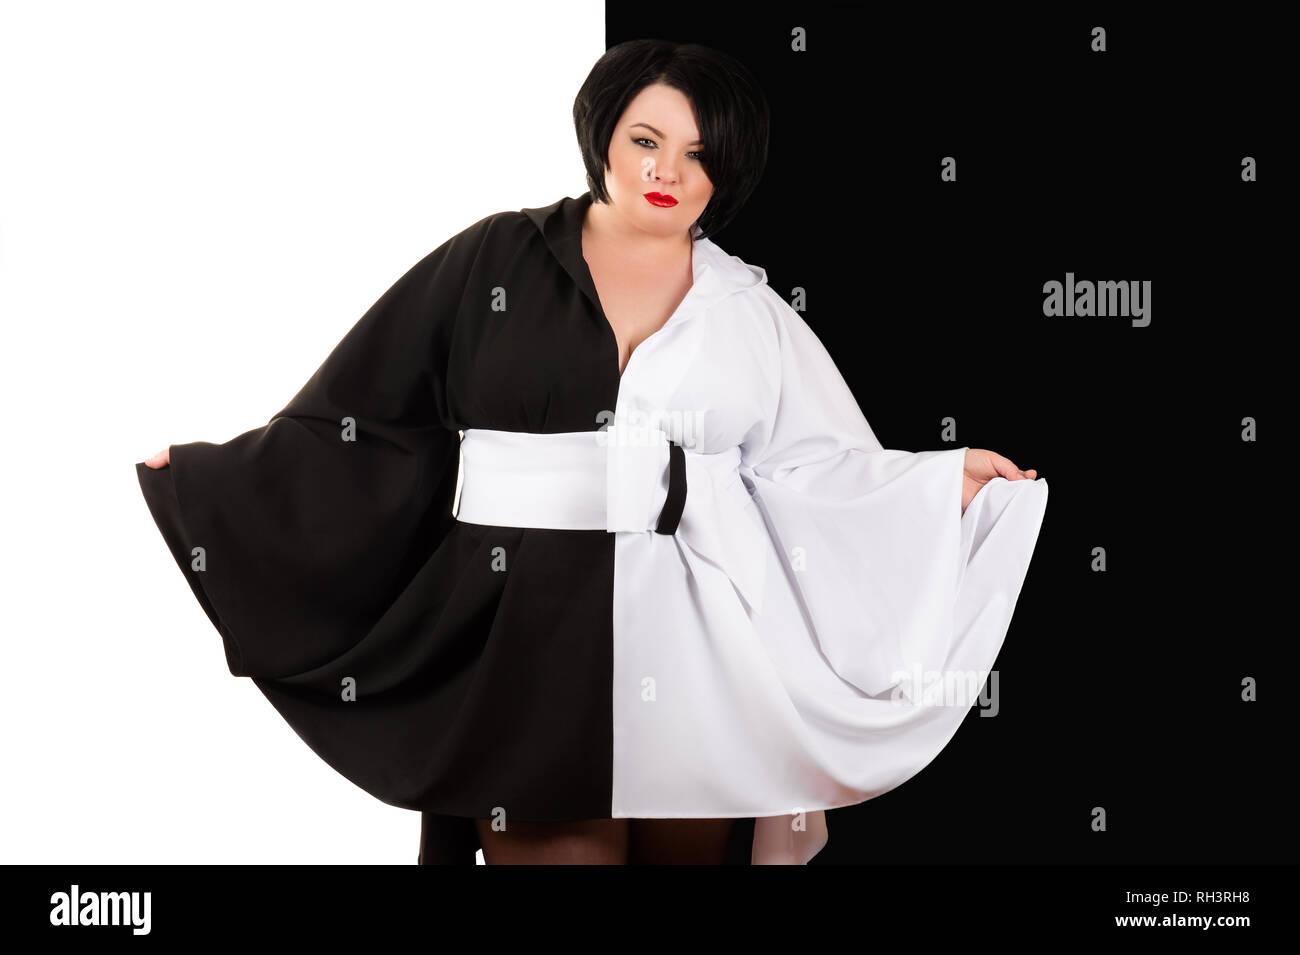 c4fa57edf6 Encantadora mujer grasa en un hermoso vestido blanco y negro sobre fondo  blanco y negro Imagen